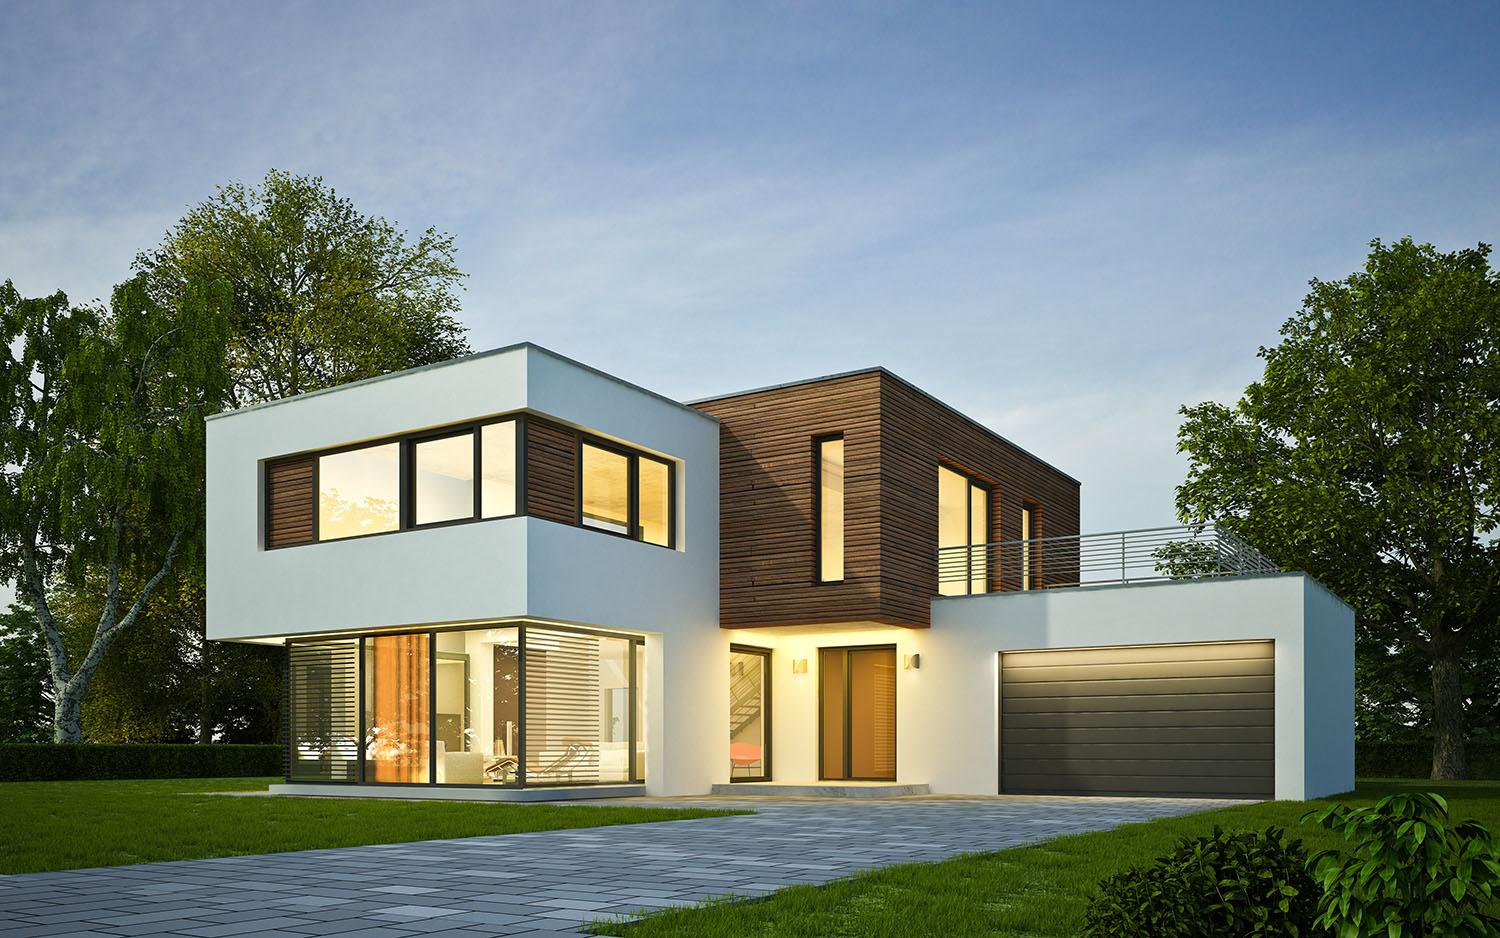 ¿Es mejor hacerse una casa o comprarla ya construida? | Vivus.es